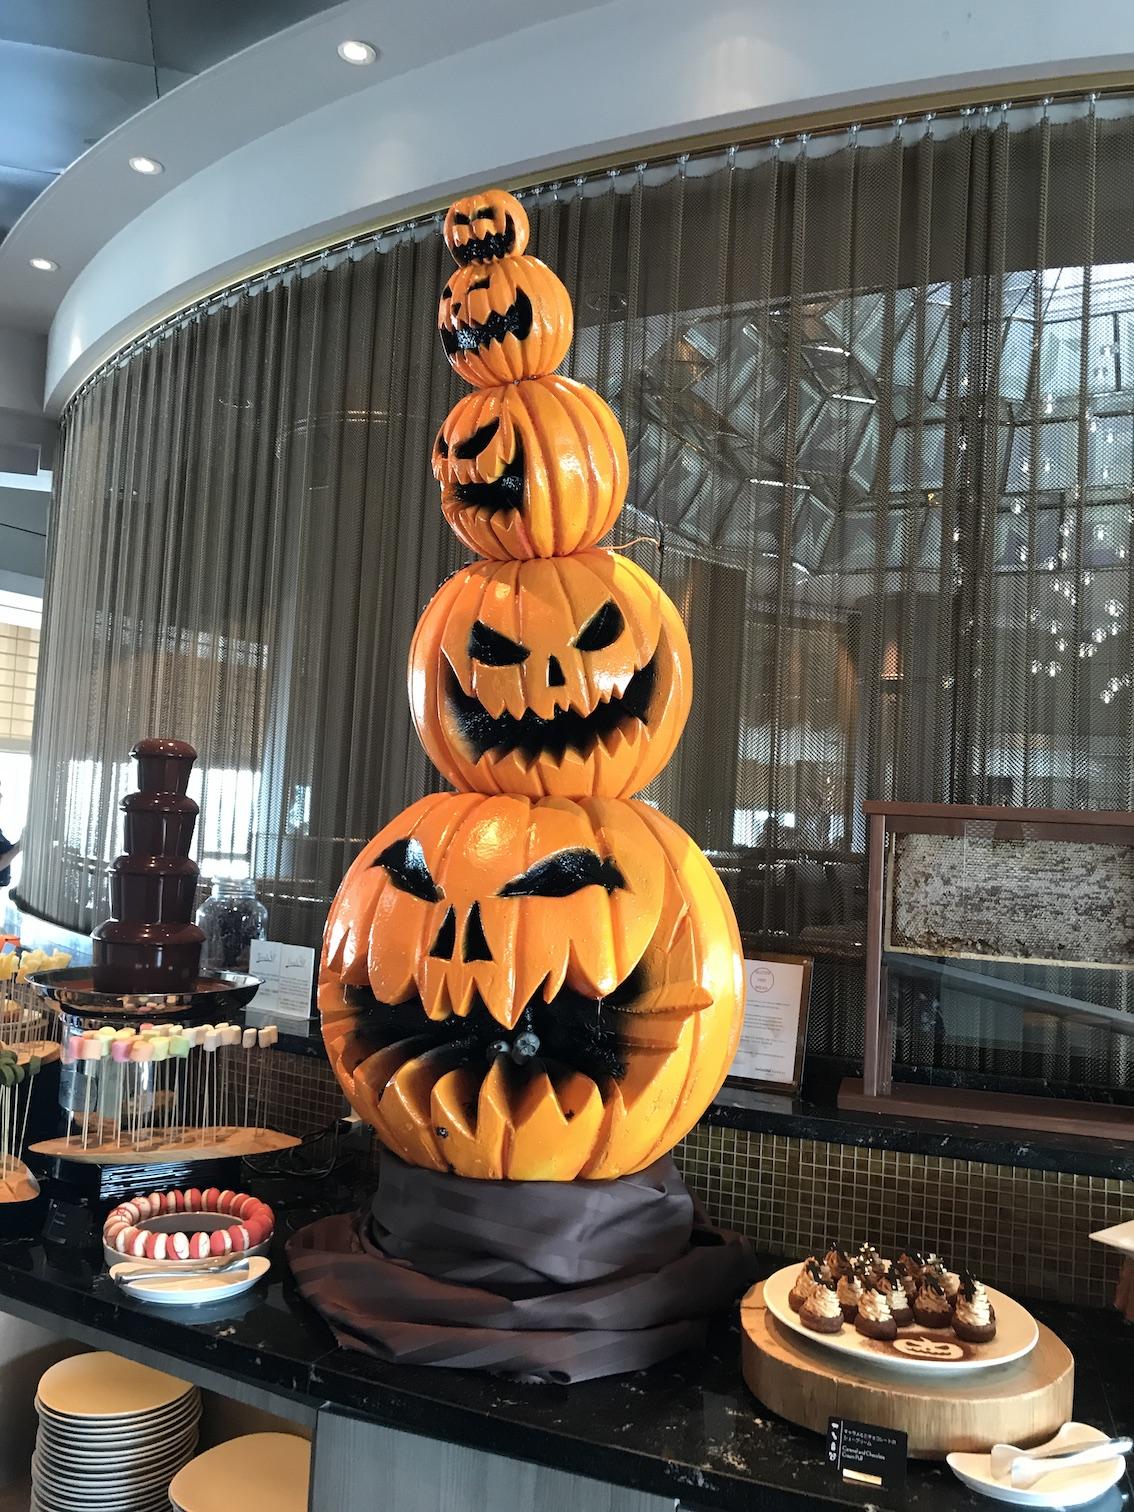 【ハロウィンスイーツブッフェへ出掛けよう!】10/5〜スタート!スイスホテル南海大阪 Swiss Chocoholic Halloween Buffet レセプションに行ってきました。【大阪 難波 なんば】_14